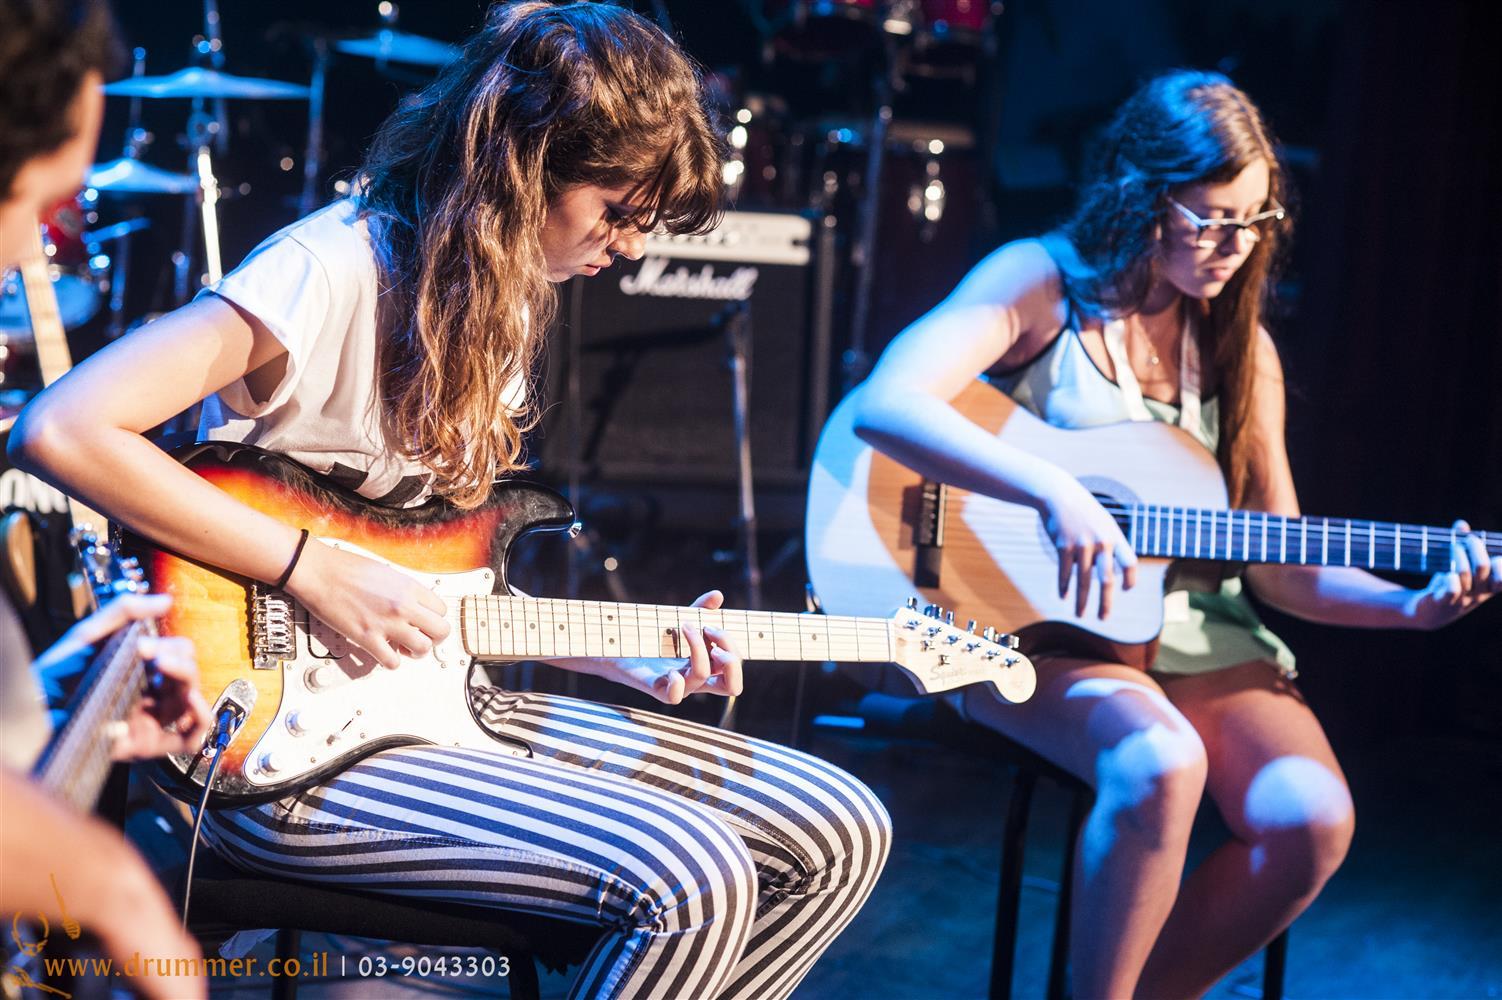 שיעורי גיטרה - דראמר בית הספר למוסיקה של פתח תקווה